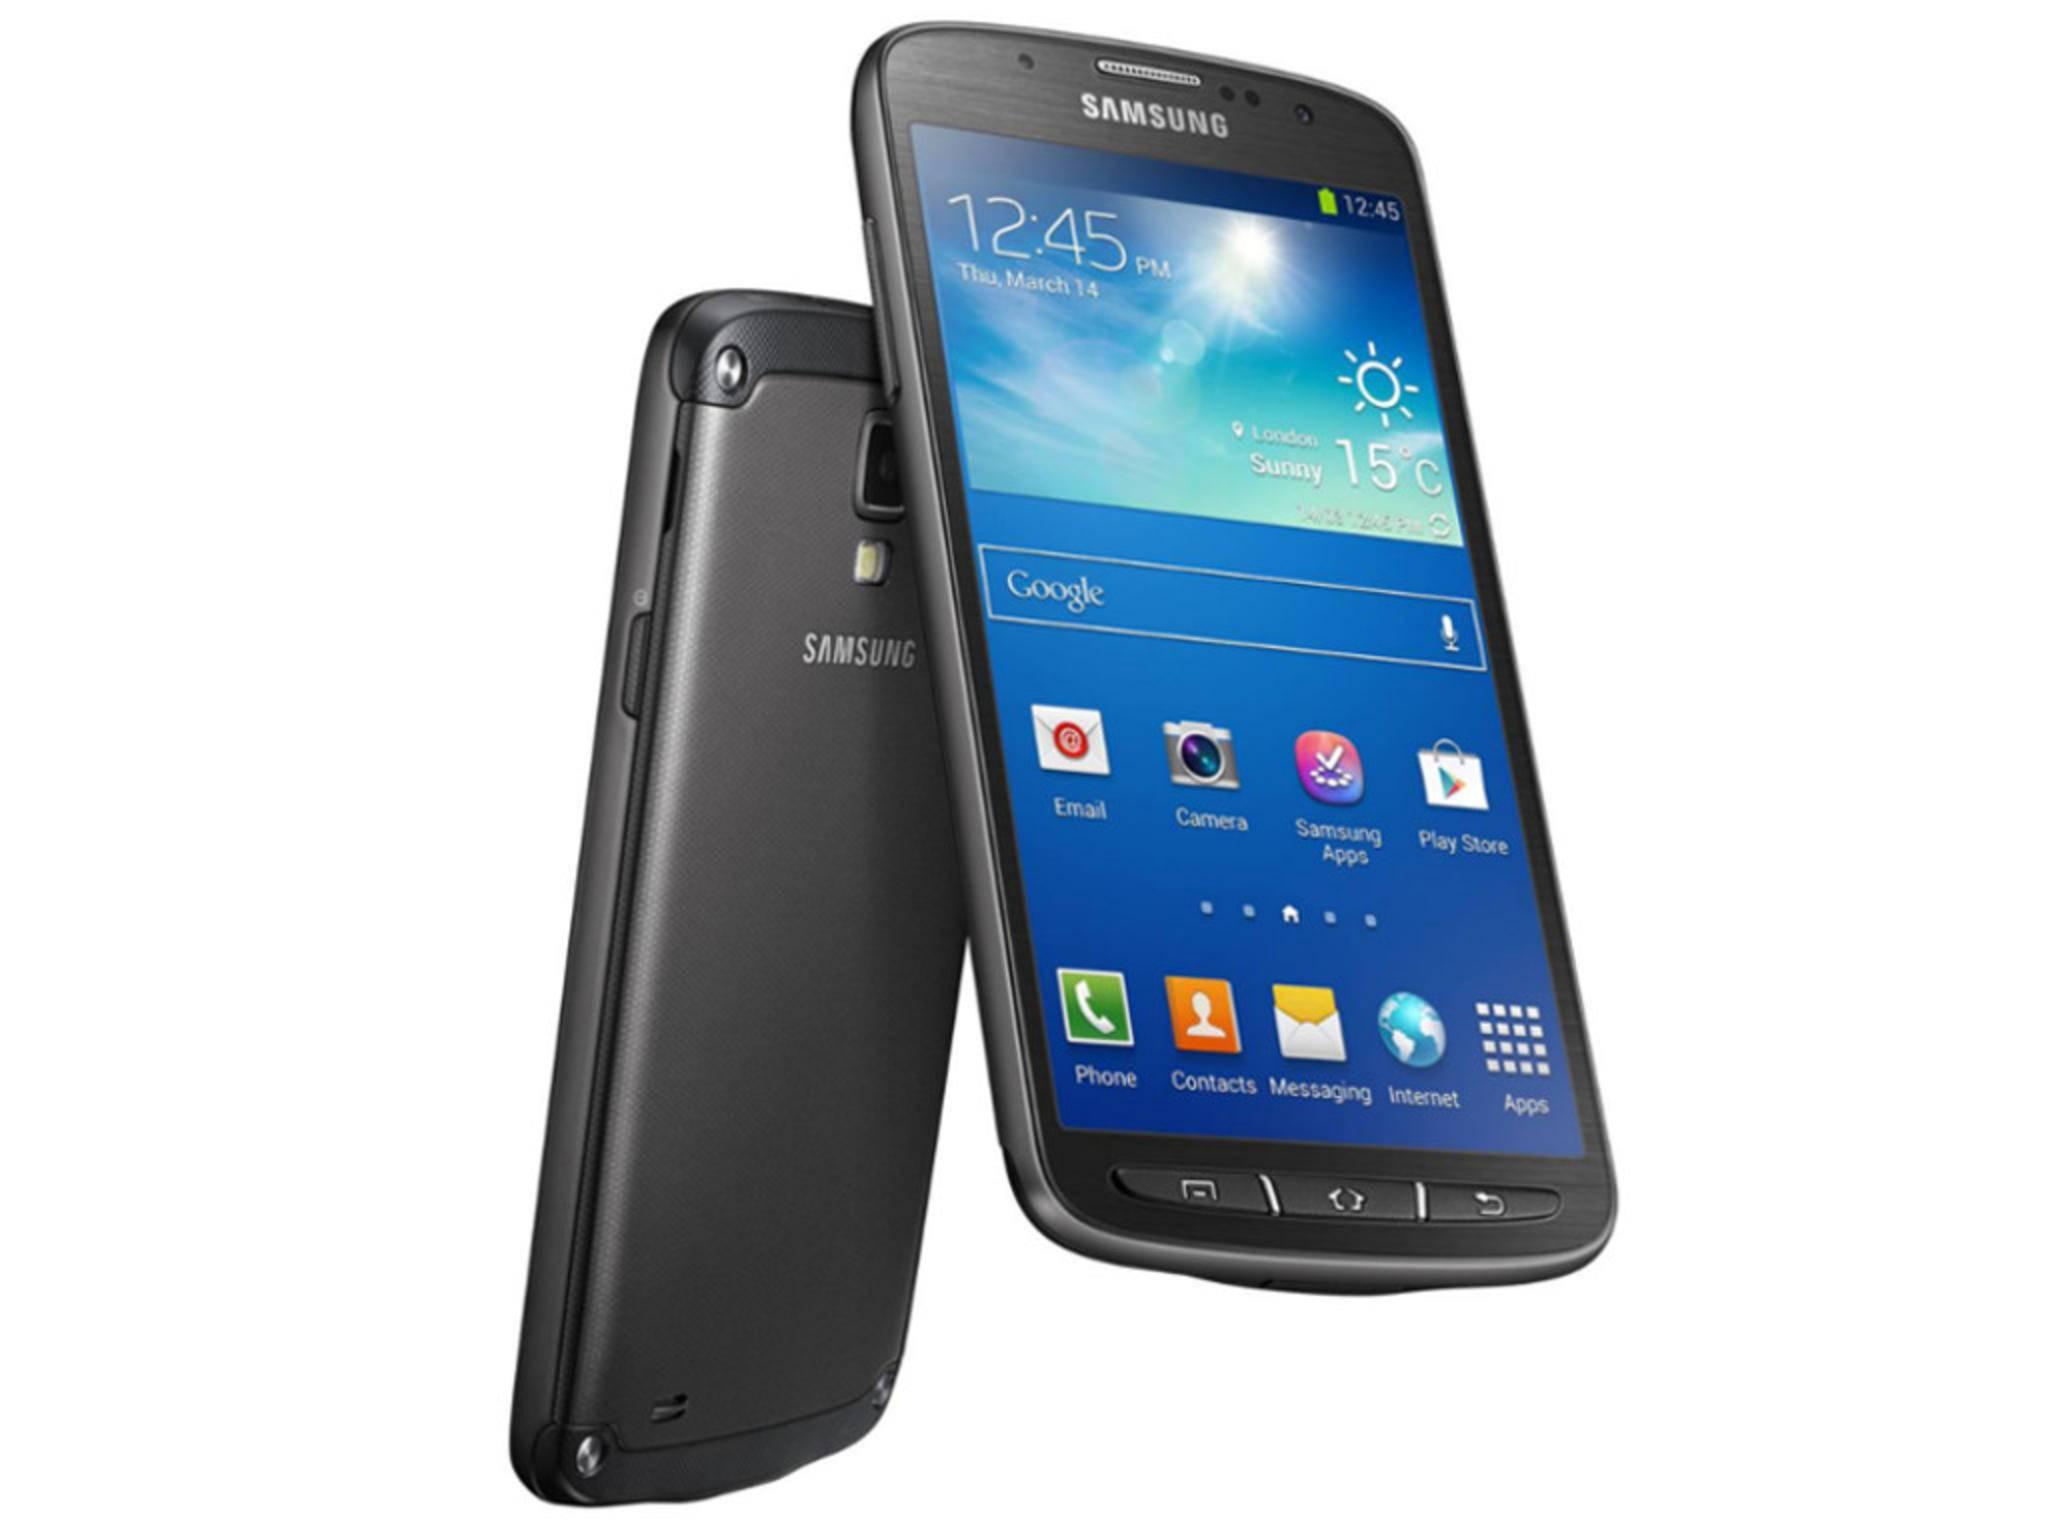 Das Samsung Galaxy S4 Active hat einen Unterwasser-Kameramodus.